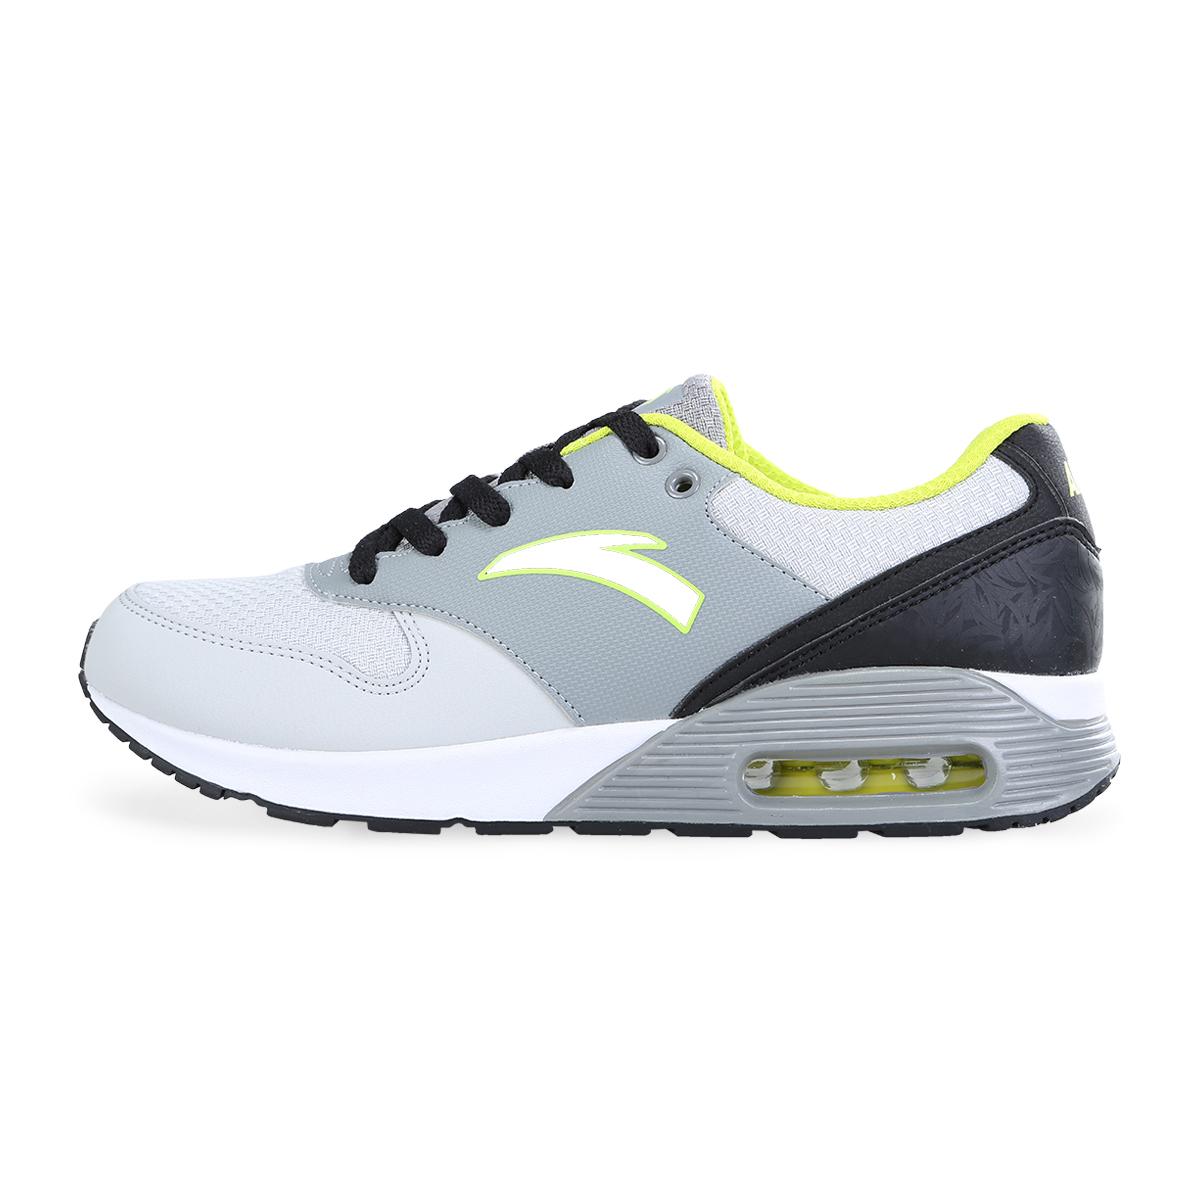 2014秋季新款 安踏气垫鞋 男鞋 ANTA正品运动综合训练鞋11437701